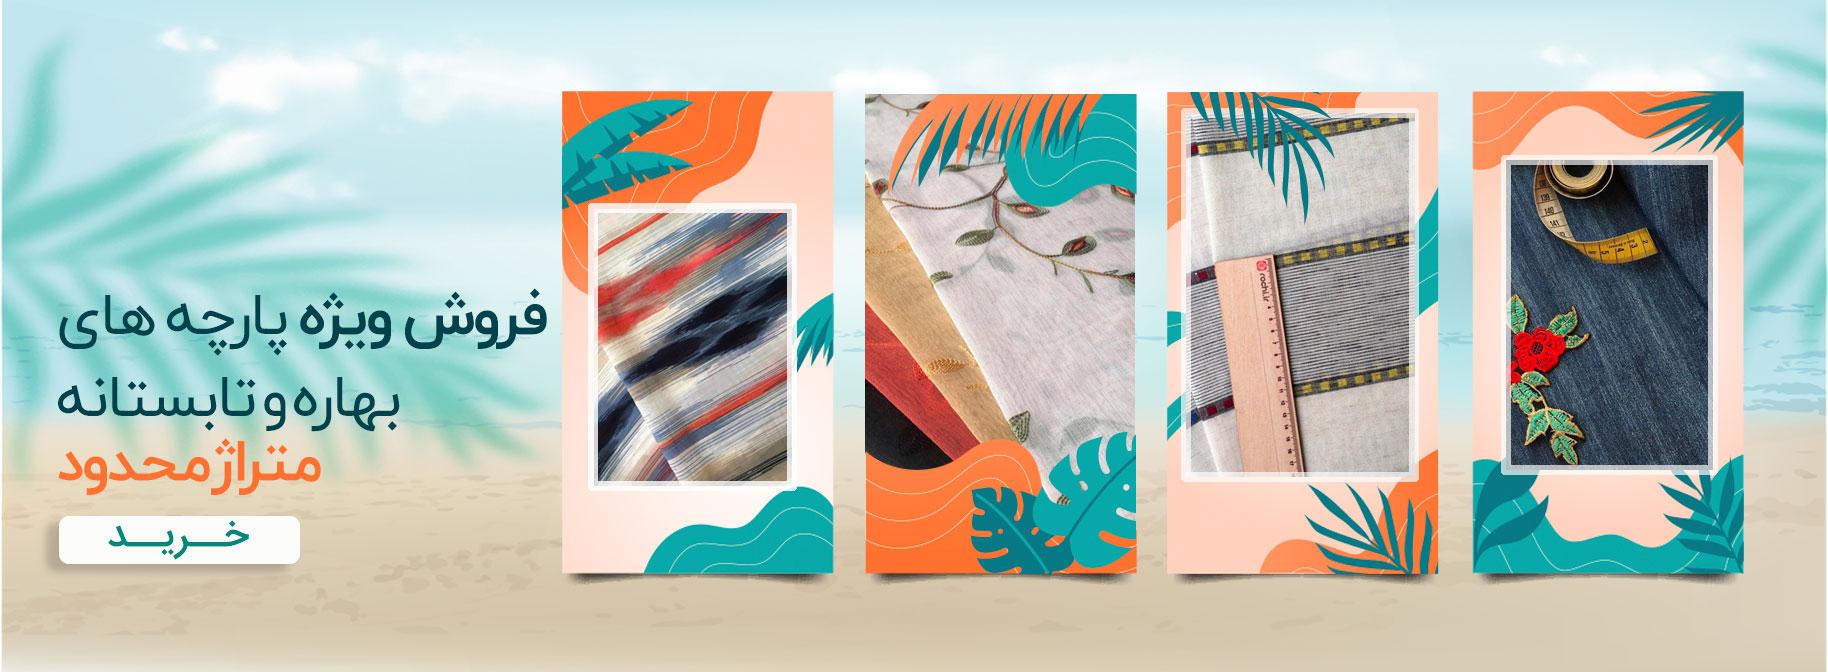 فروش ویژه پارچههای بهاره و تابستانه